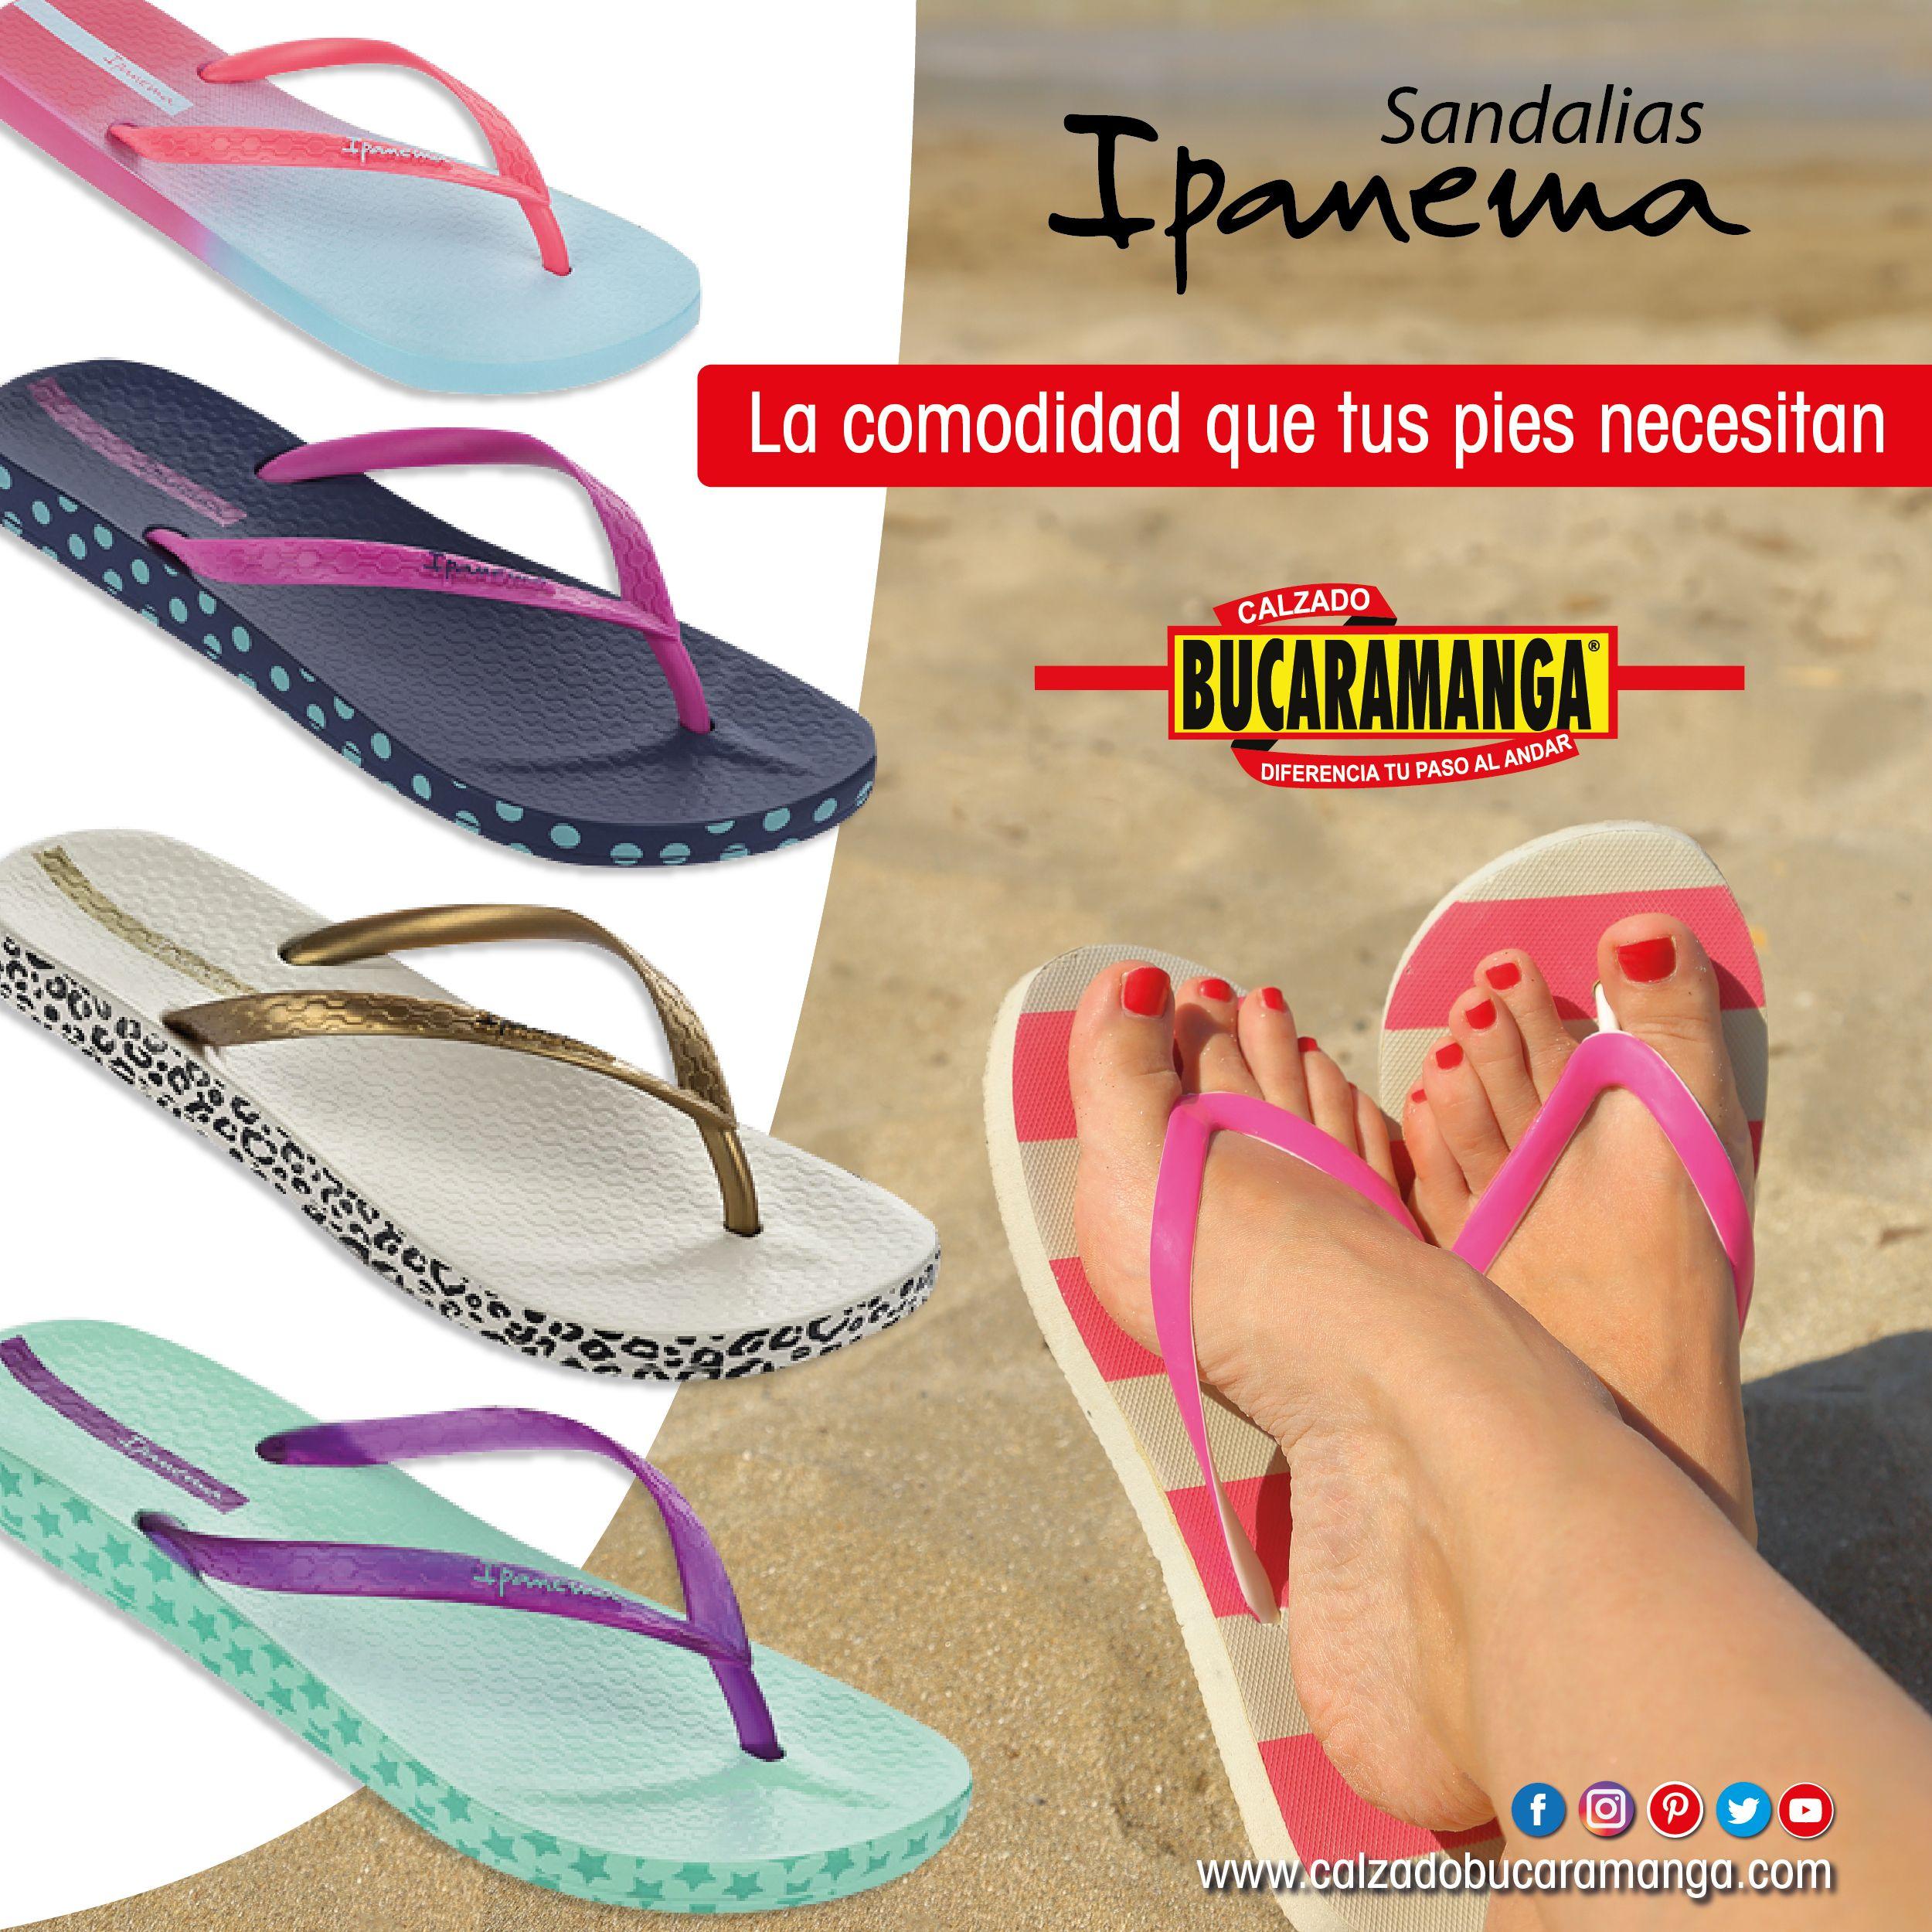 c85d44fbb1a La comodidad que tus pies necesitan la consigues en Calzado Bucaramanga con   Sandalias Ipanema ❤